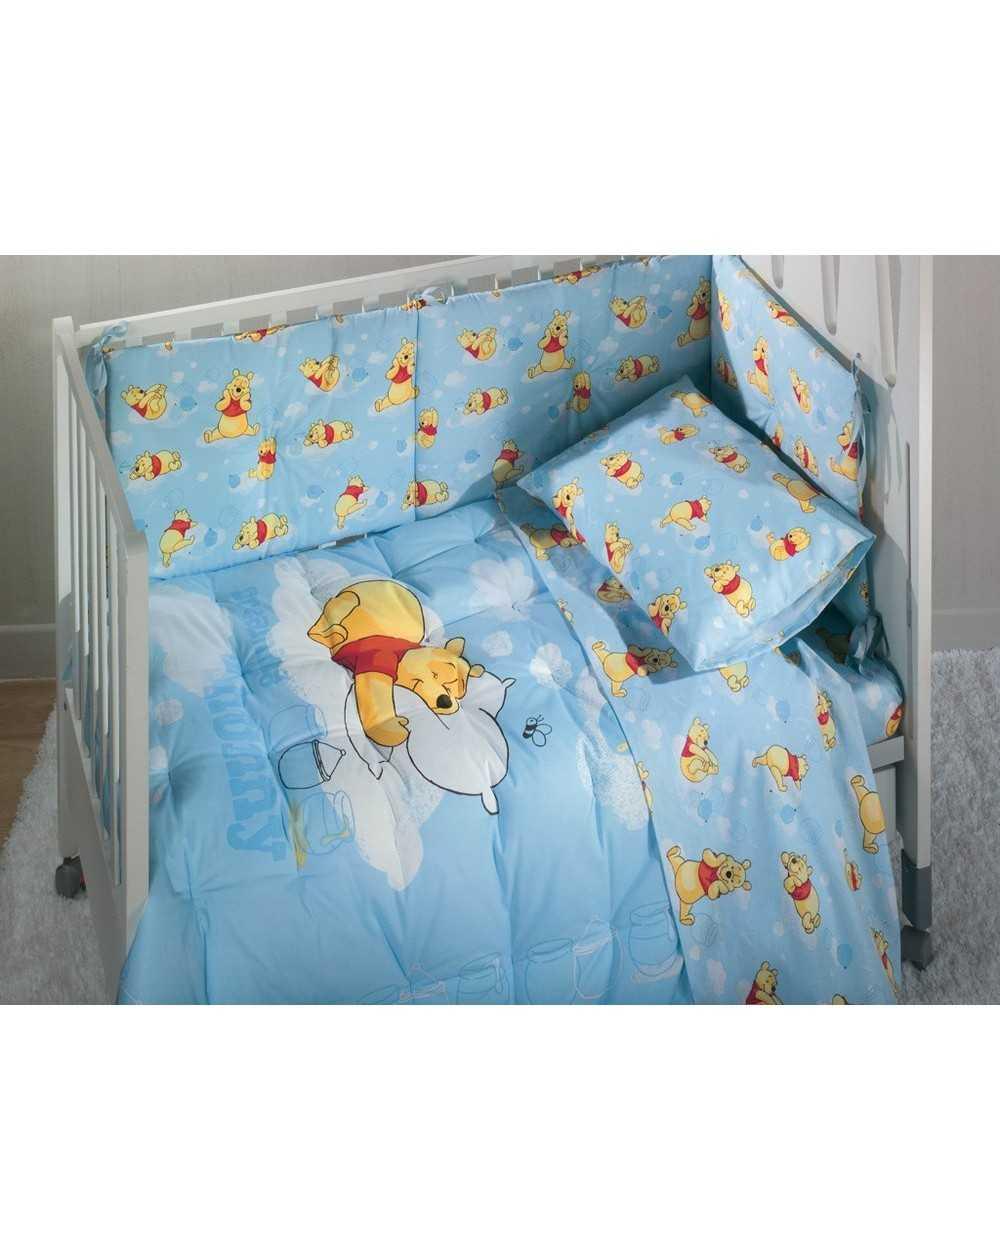 ensemble tours de lit dredons b b s winnie rasoline l. Black Bedroom Furniture Sets. Home Design Ideas